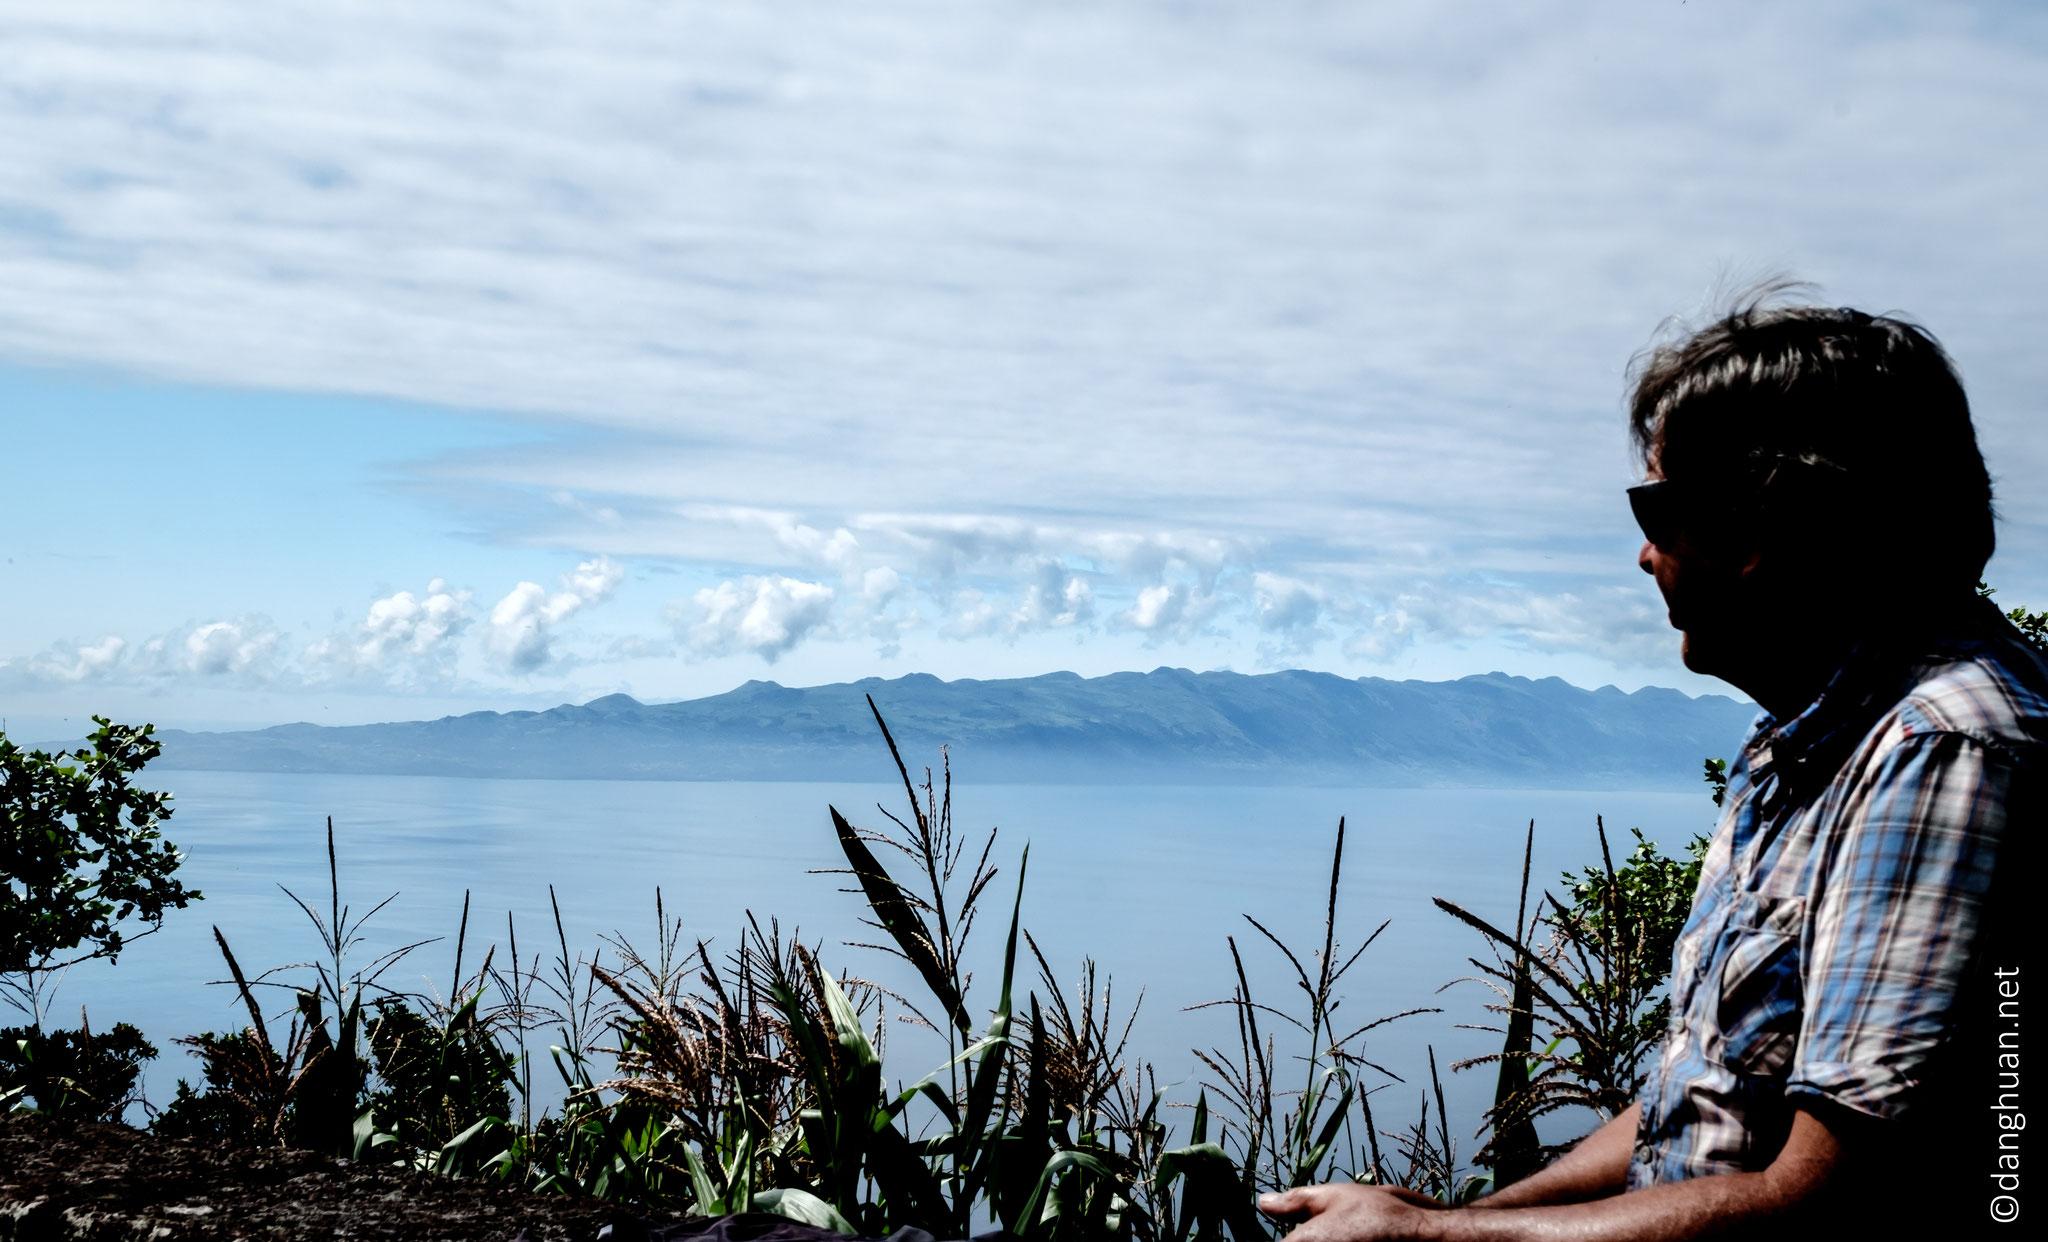 la chaîne des volcans de l'île de Pico depuis l'île de Sao Jorge